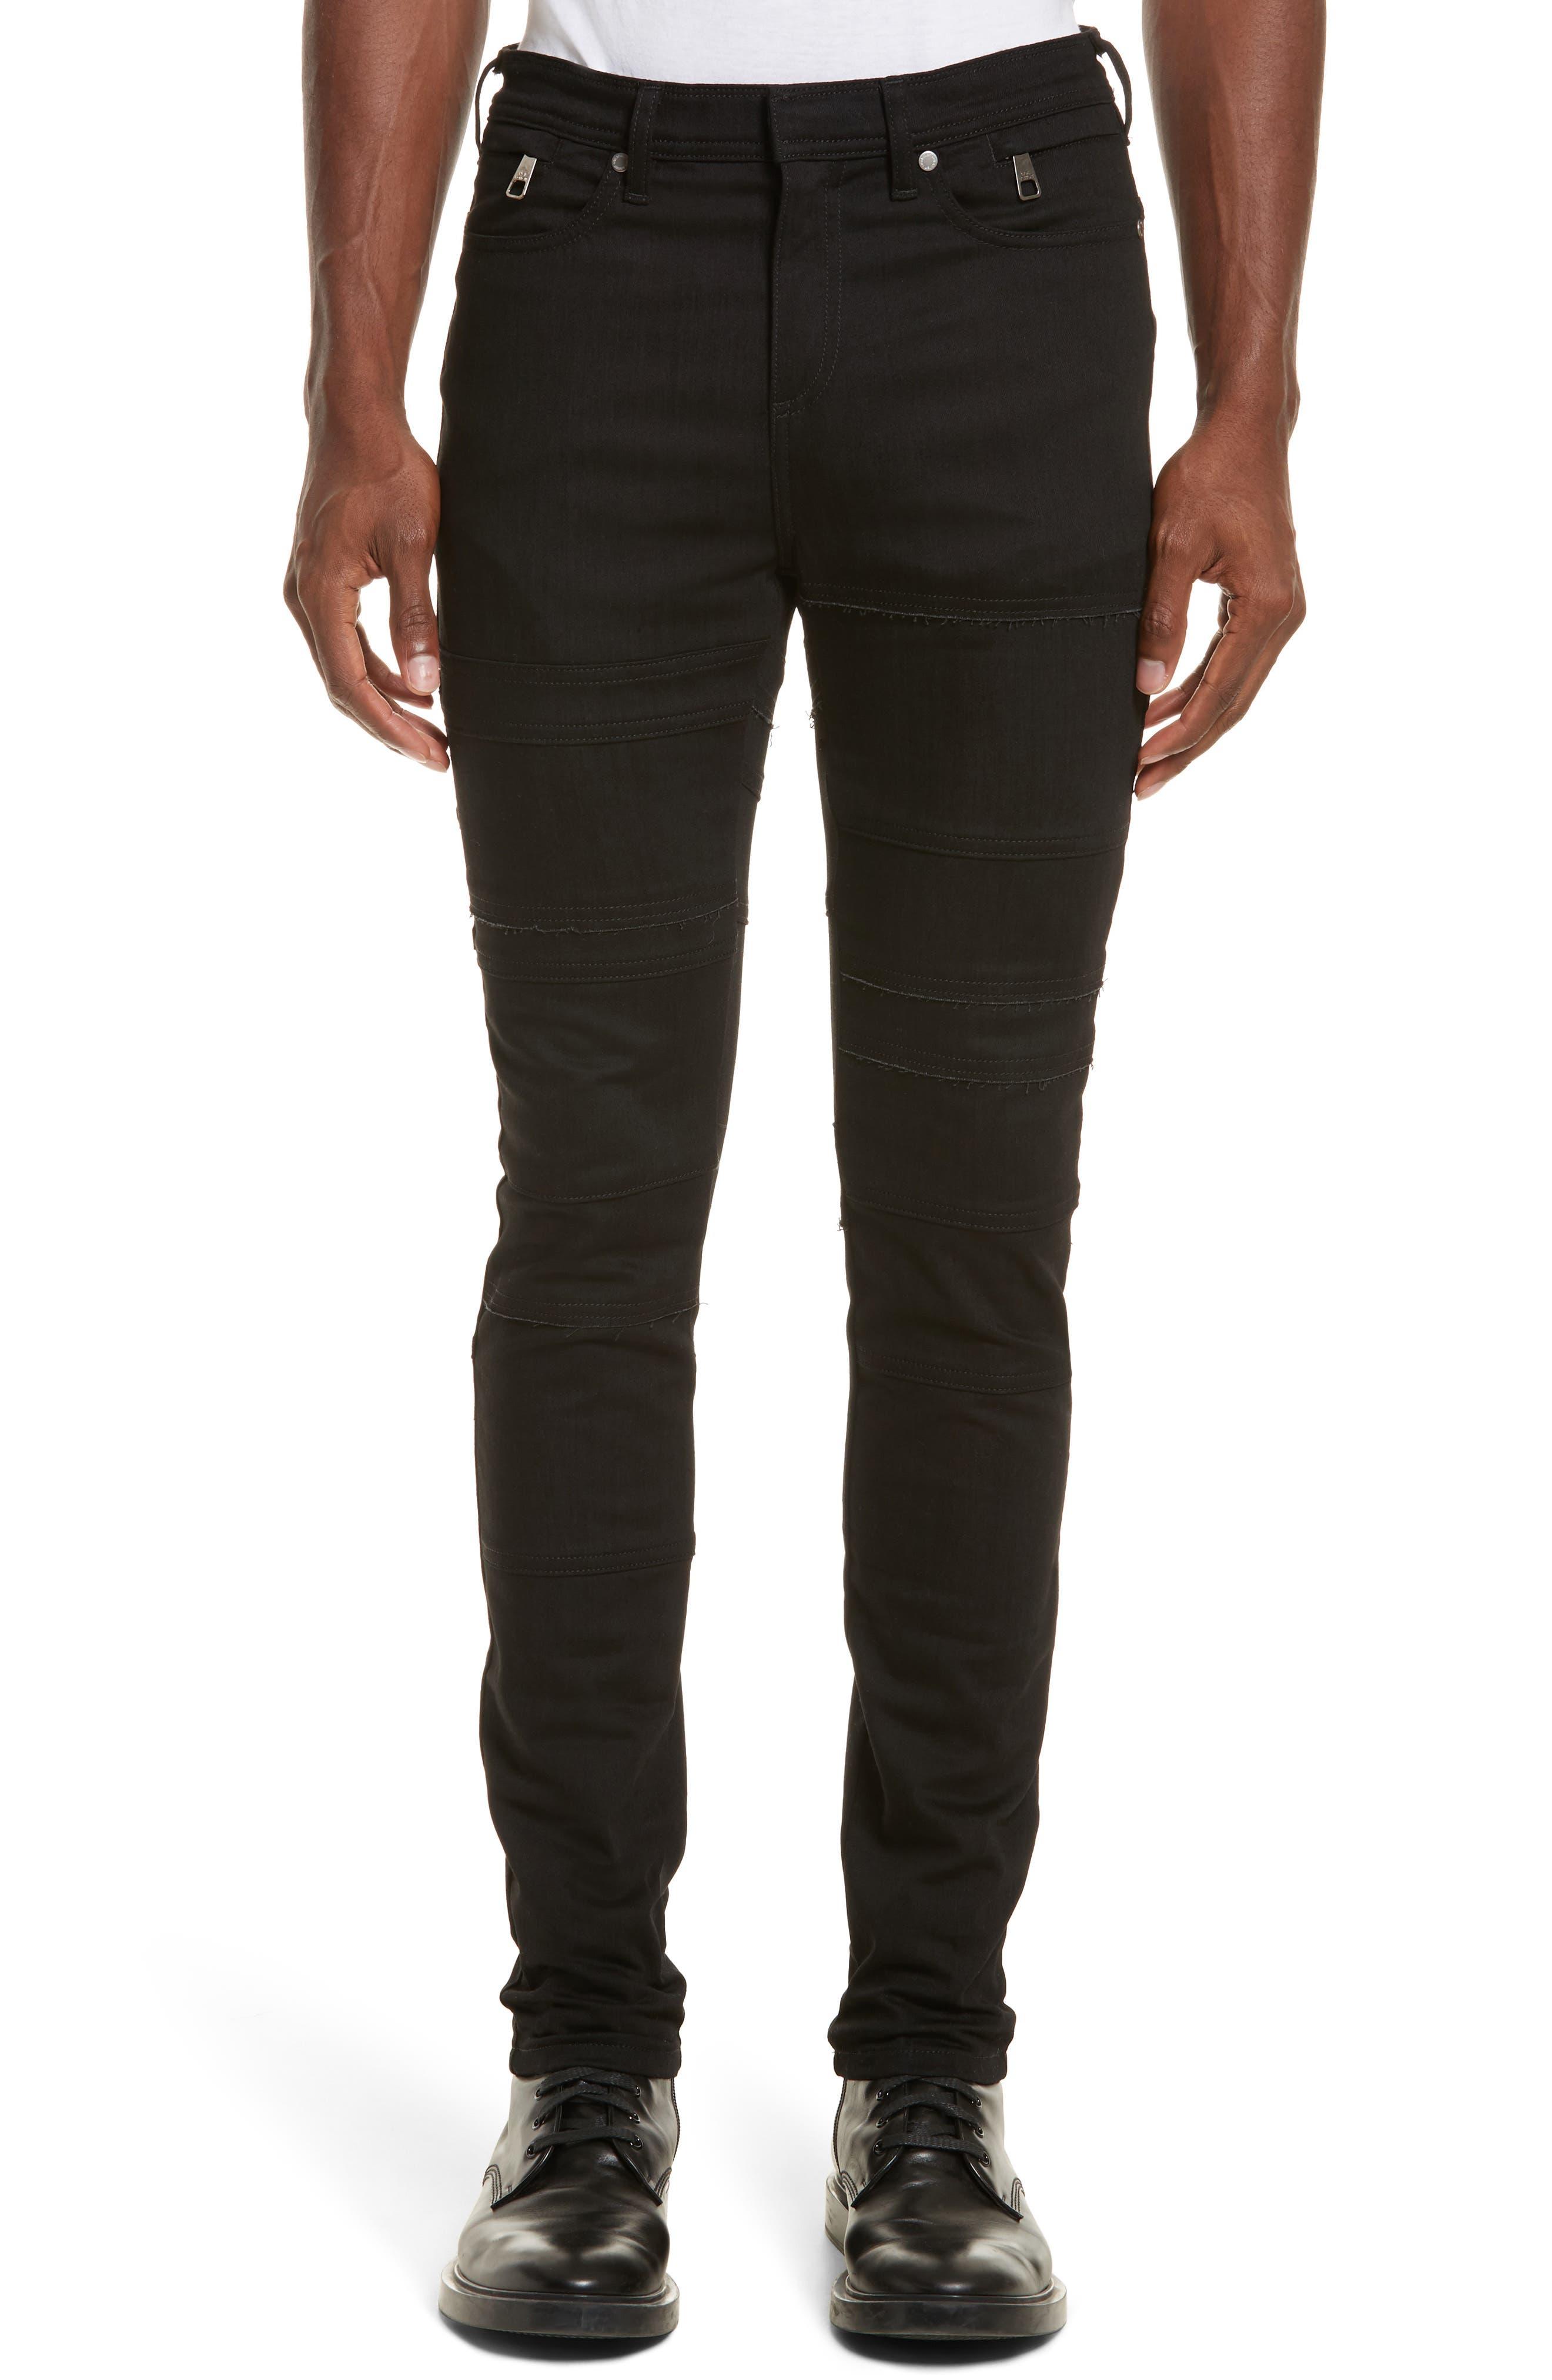 Main Image - Neil Barrett Raw Edge Skinny Biker Jeans (Old Black)